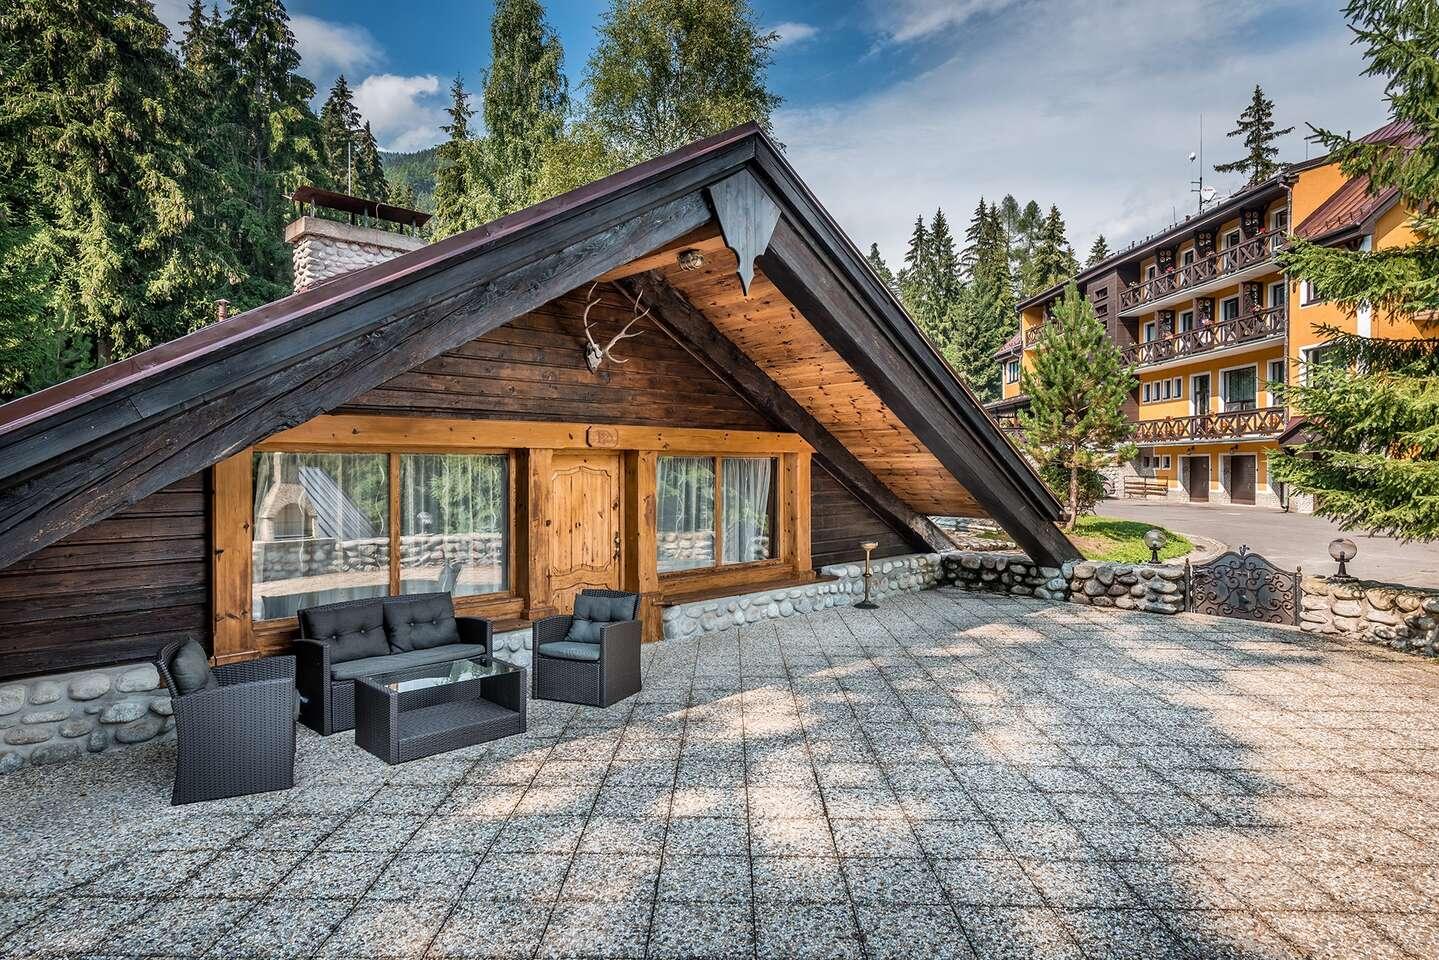 Dovolenka uprostred lesa Račkovej doliny - ideálne miesto pre relax alebo poriadne dobrodružstvo